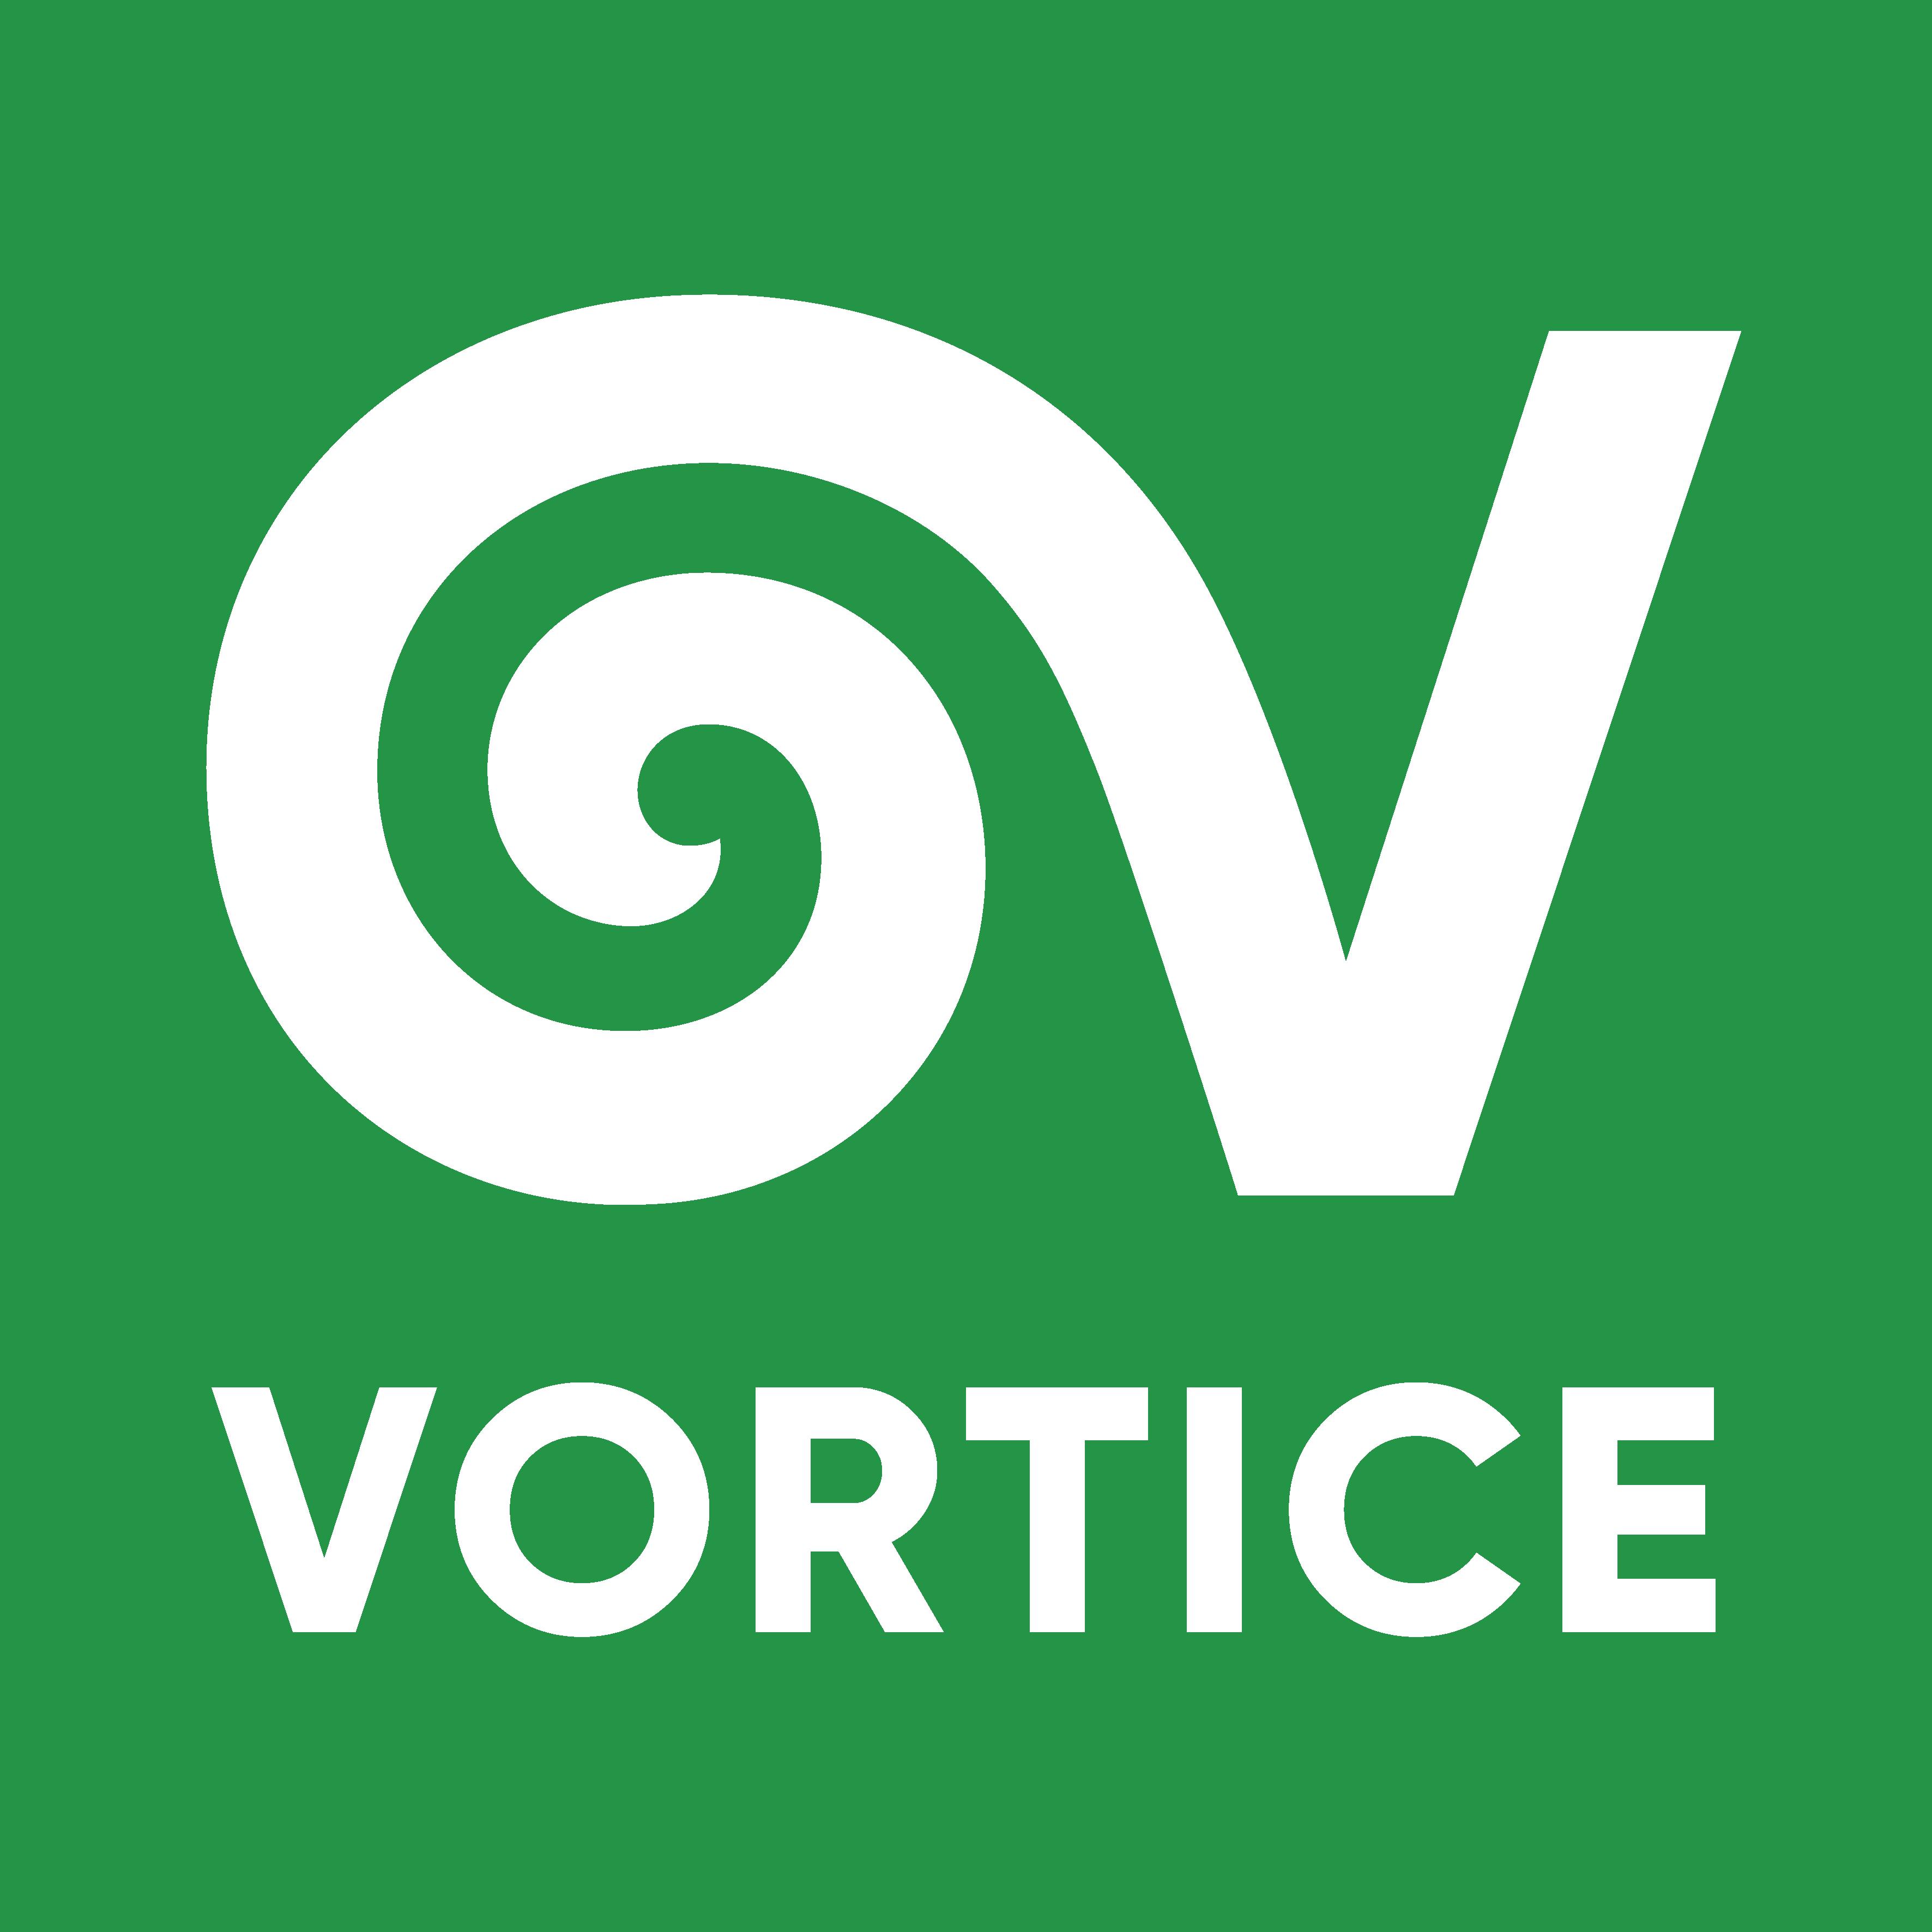 HVLS Vortice